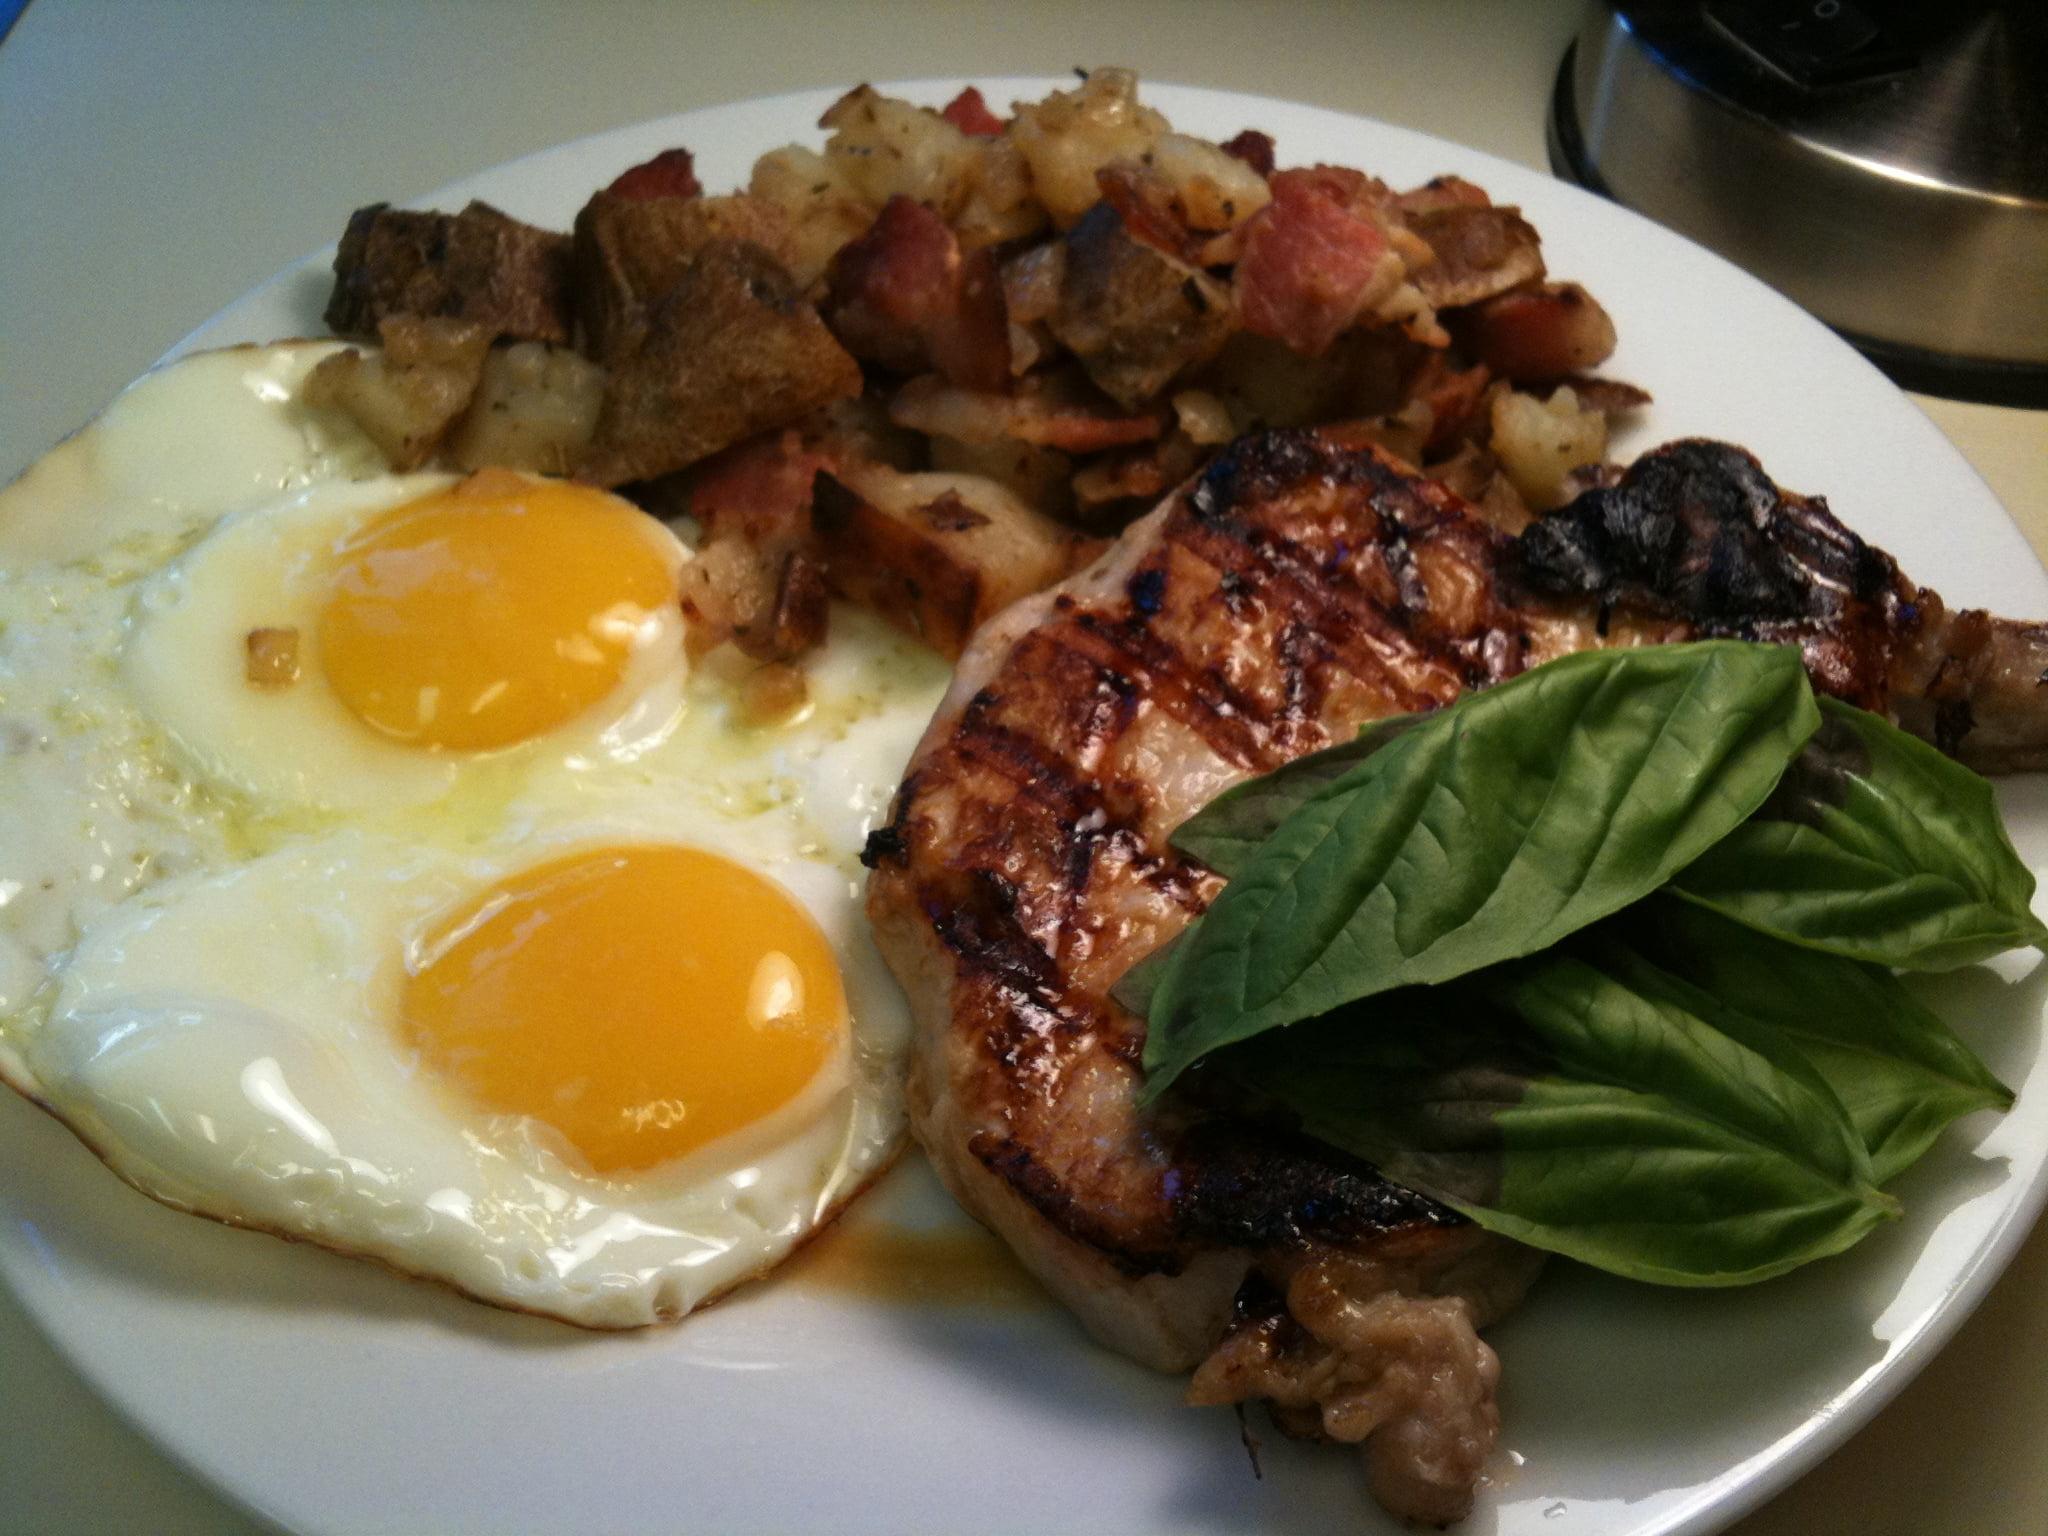 Retete - Cele mai bune retete pentru micul dejun, Foto: karlstrauss.com